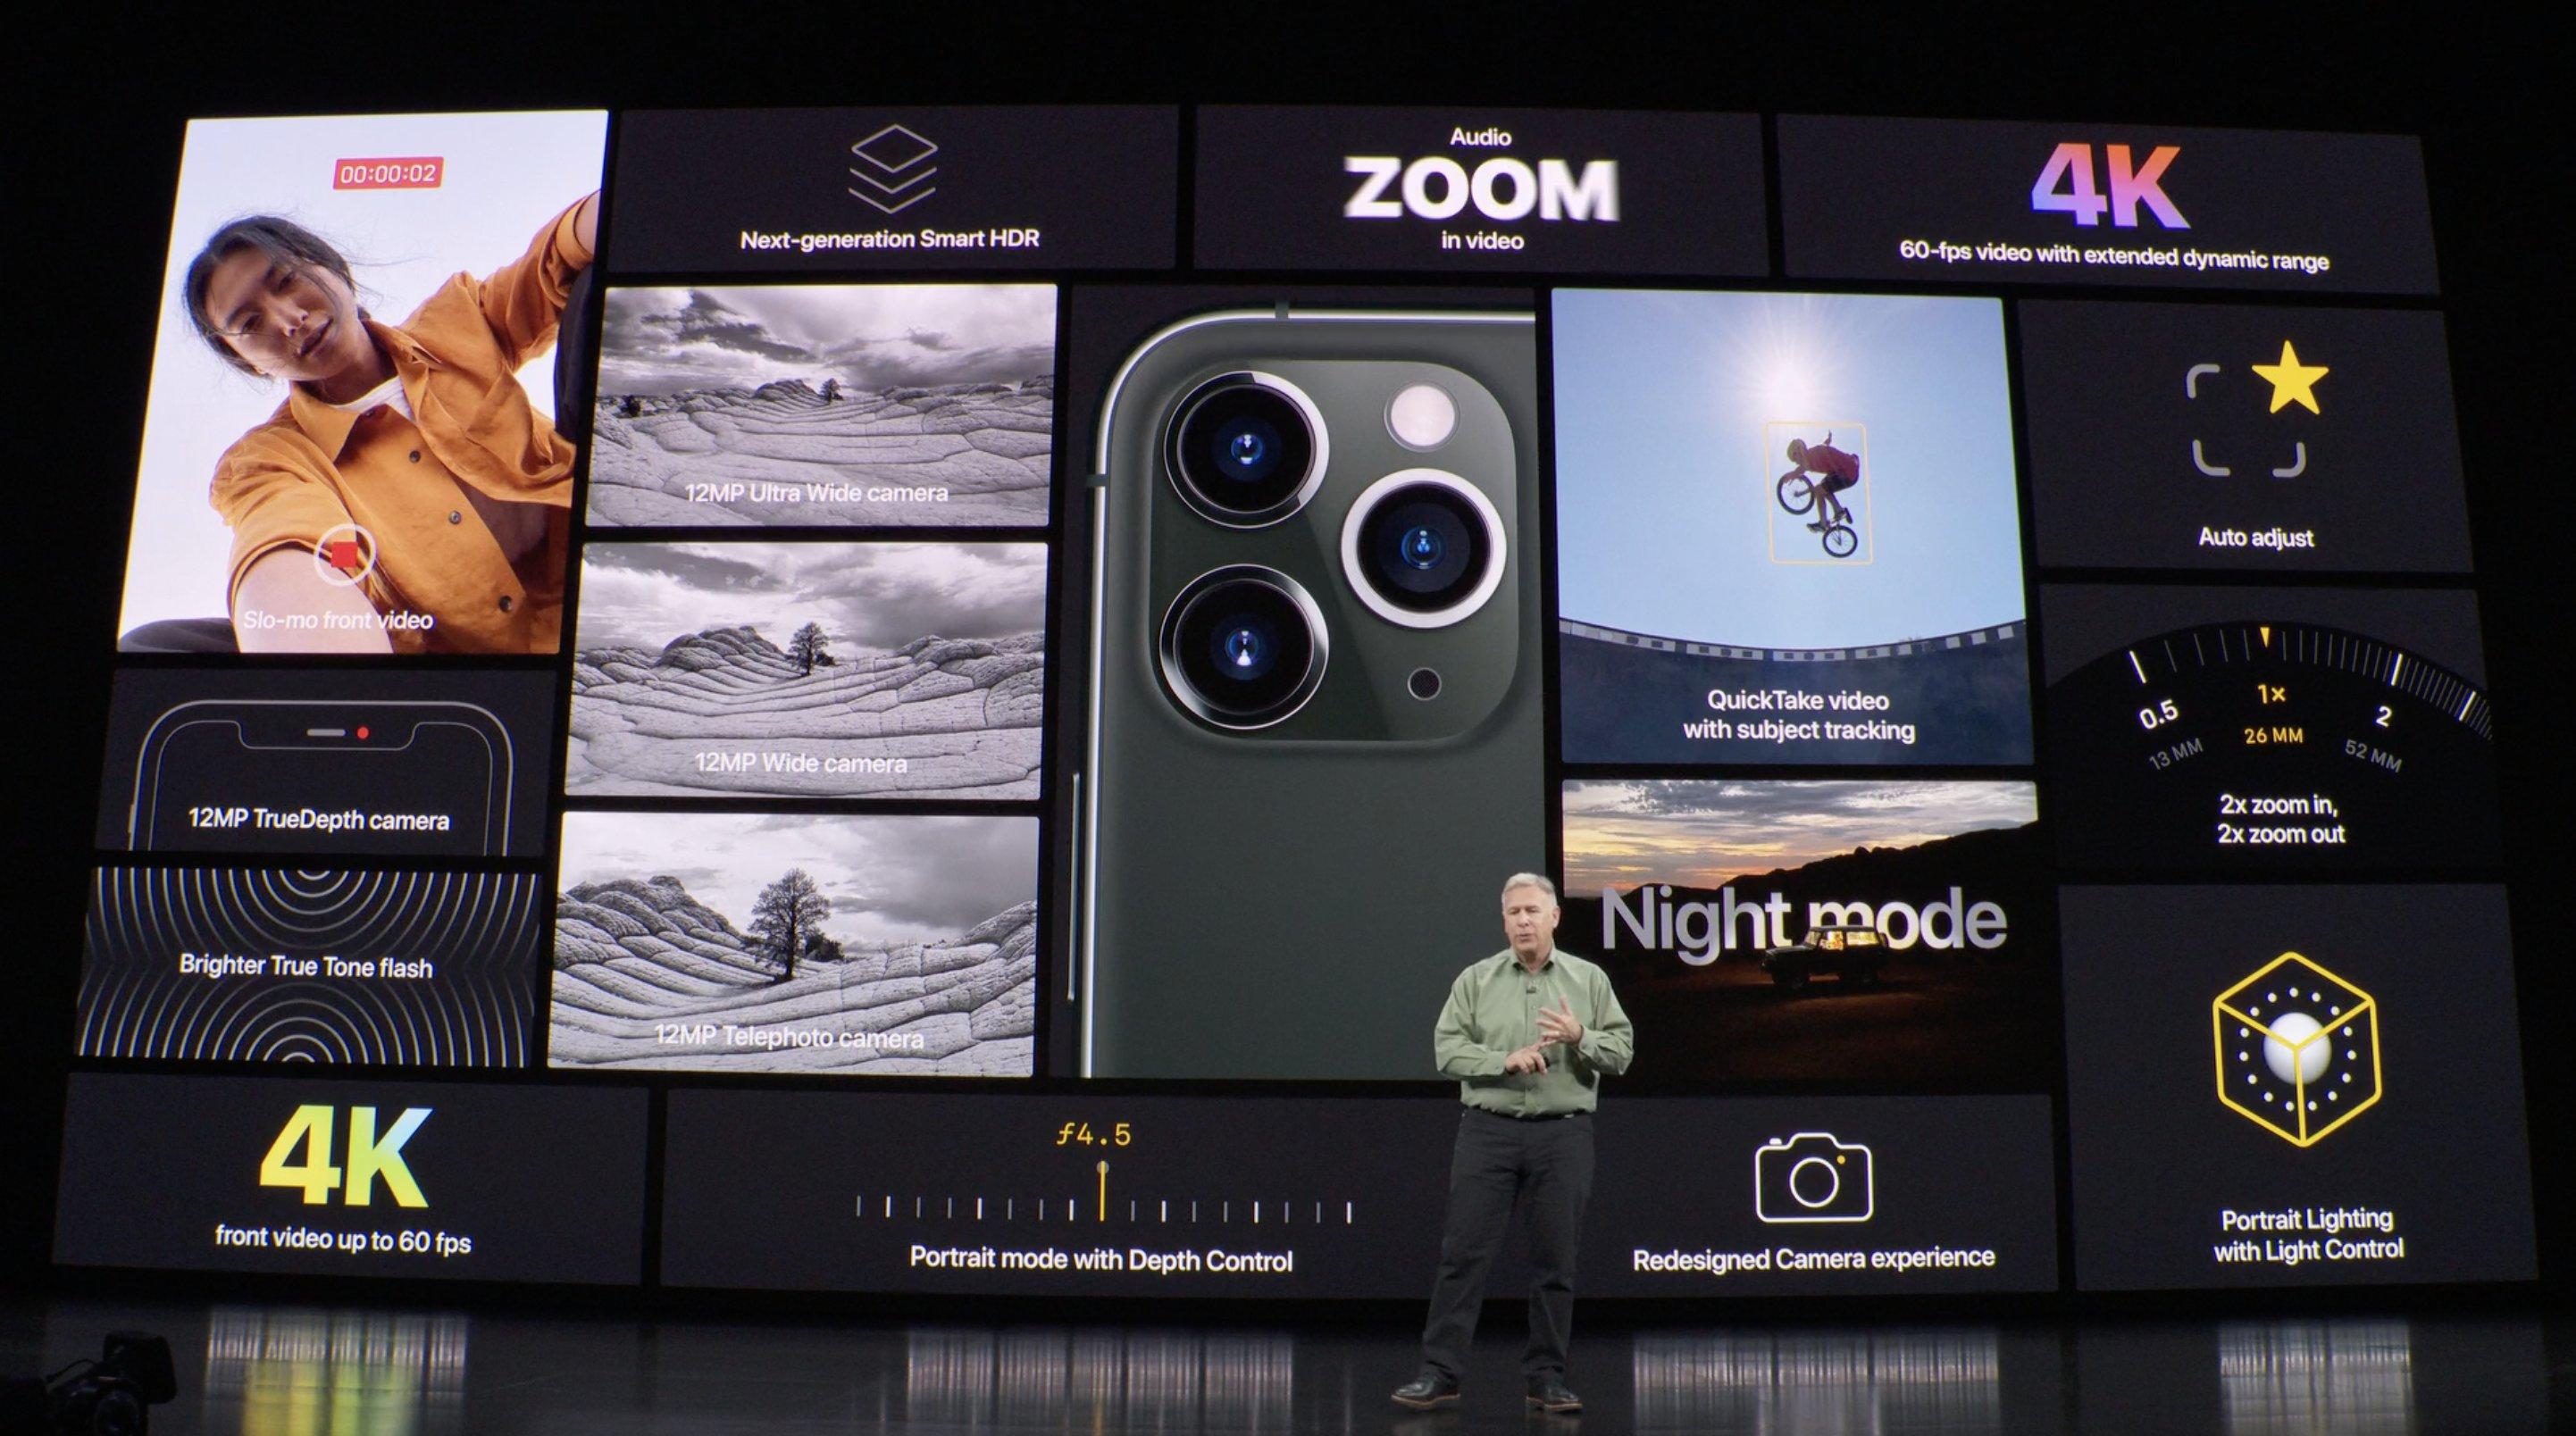 Keynote Septiembre 2019: Phil Schiller resumiendo novedades de la cámara del iPhone 11 Pro